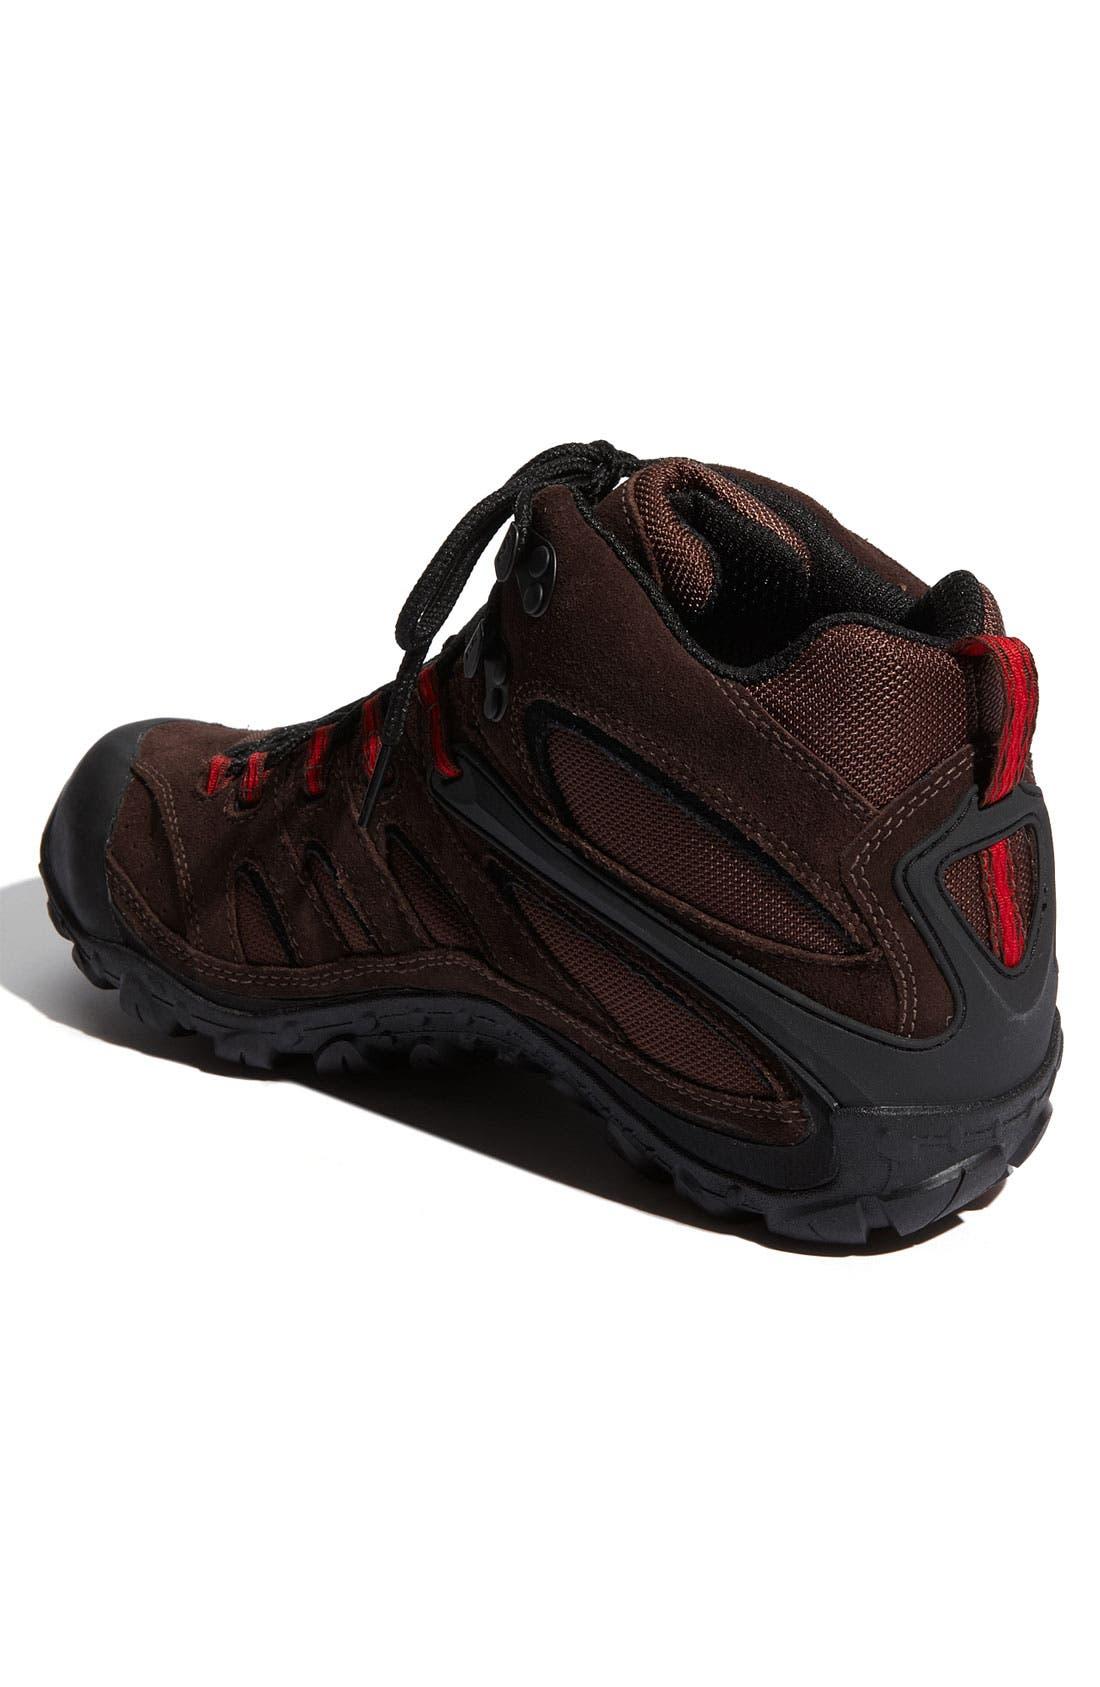 Alternate Image 3  - Merrell 'Chameleon 4 Mid Ventilator GORE-TEX®' Hiking Boot